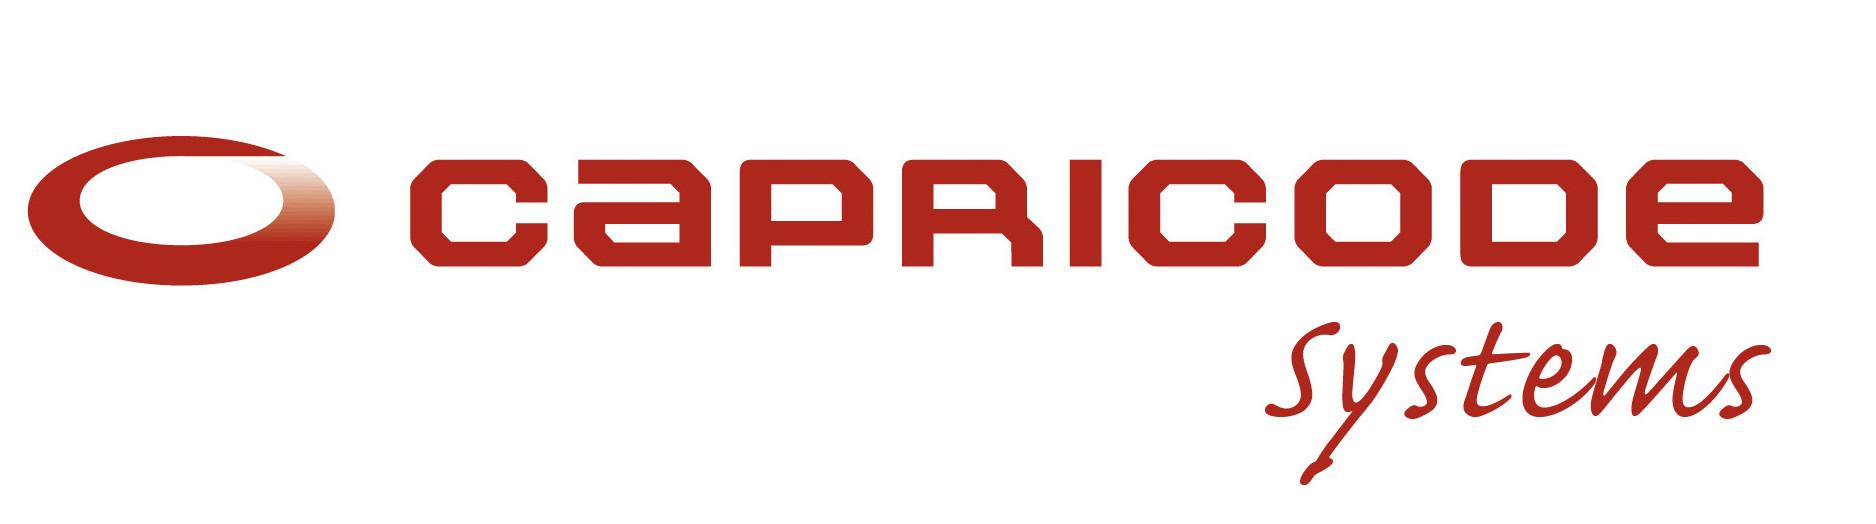 Capricode systems logo